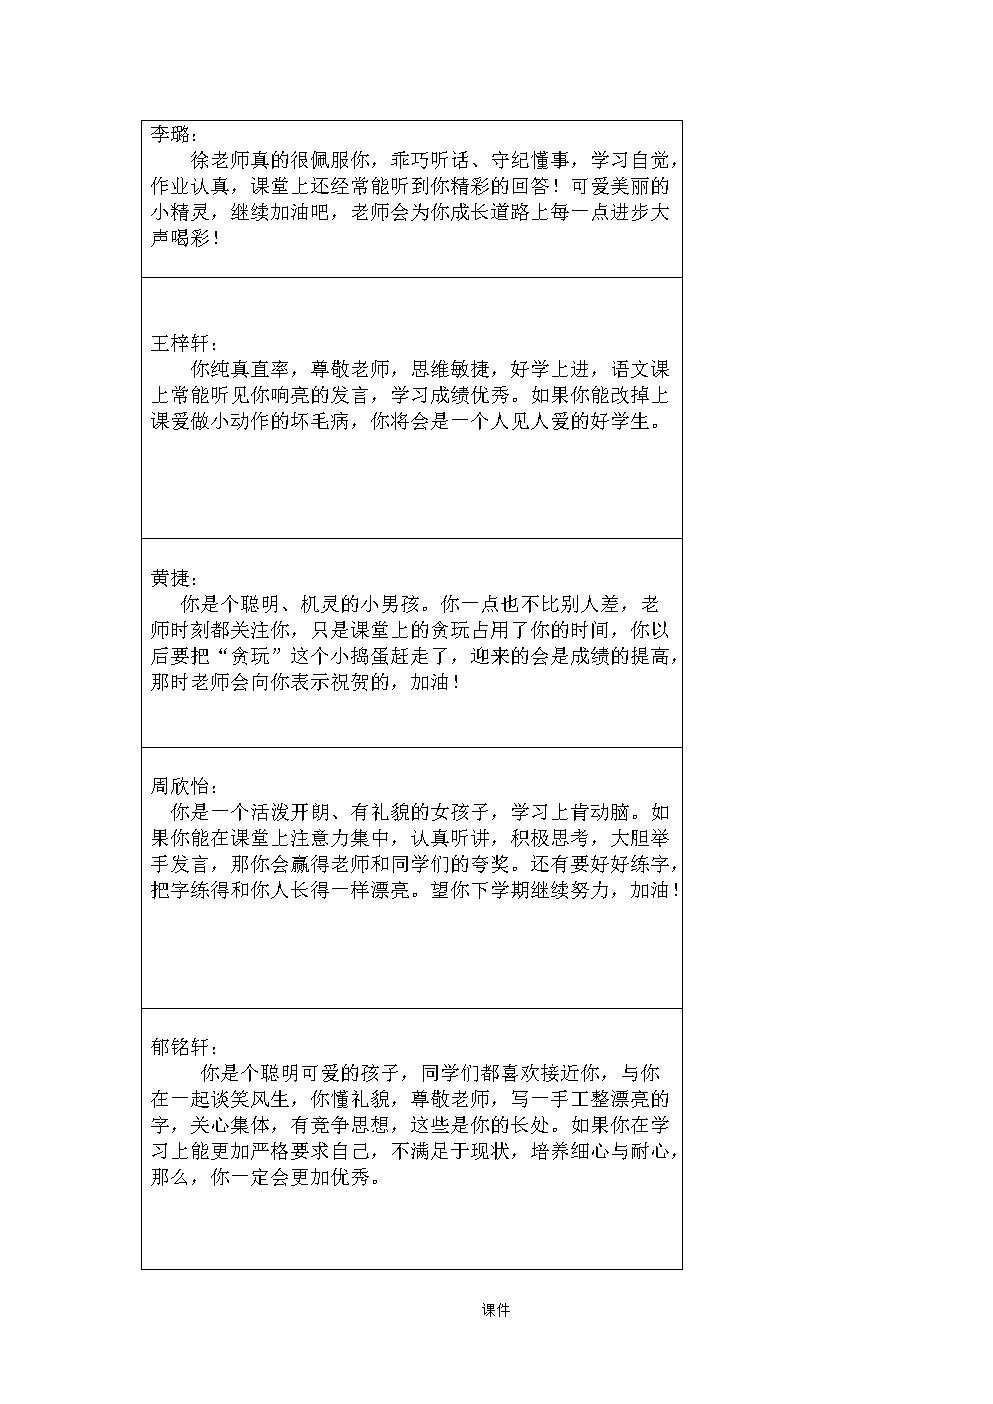 两人三脚-王梓轩(MP3歌词/LRC歌词) lrc歌词下载 第3张